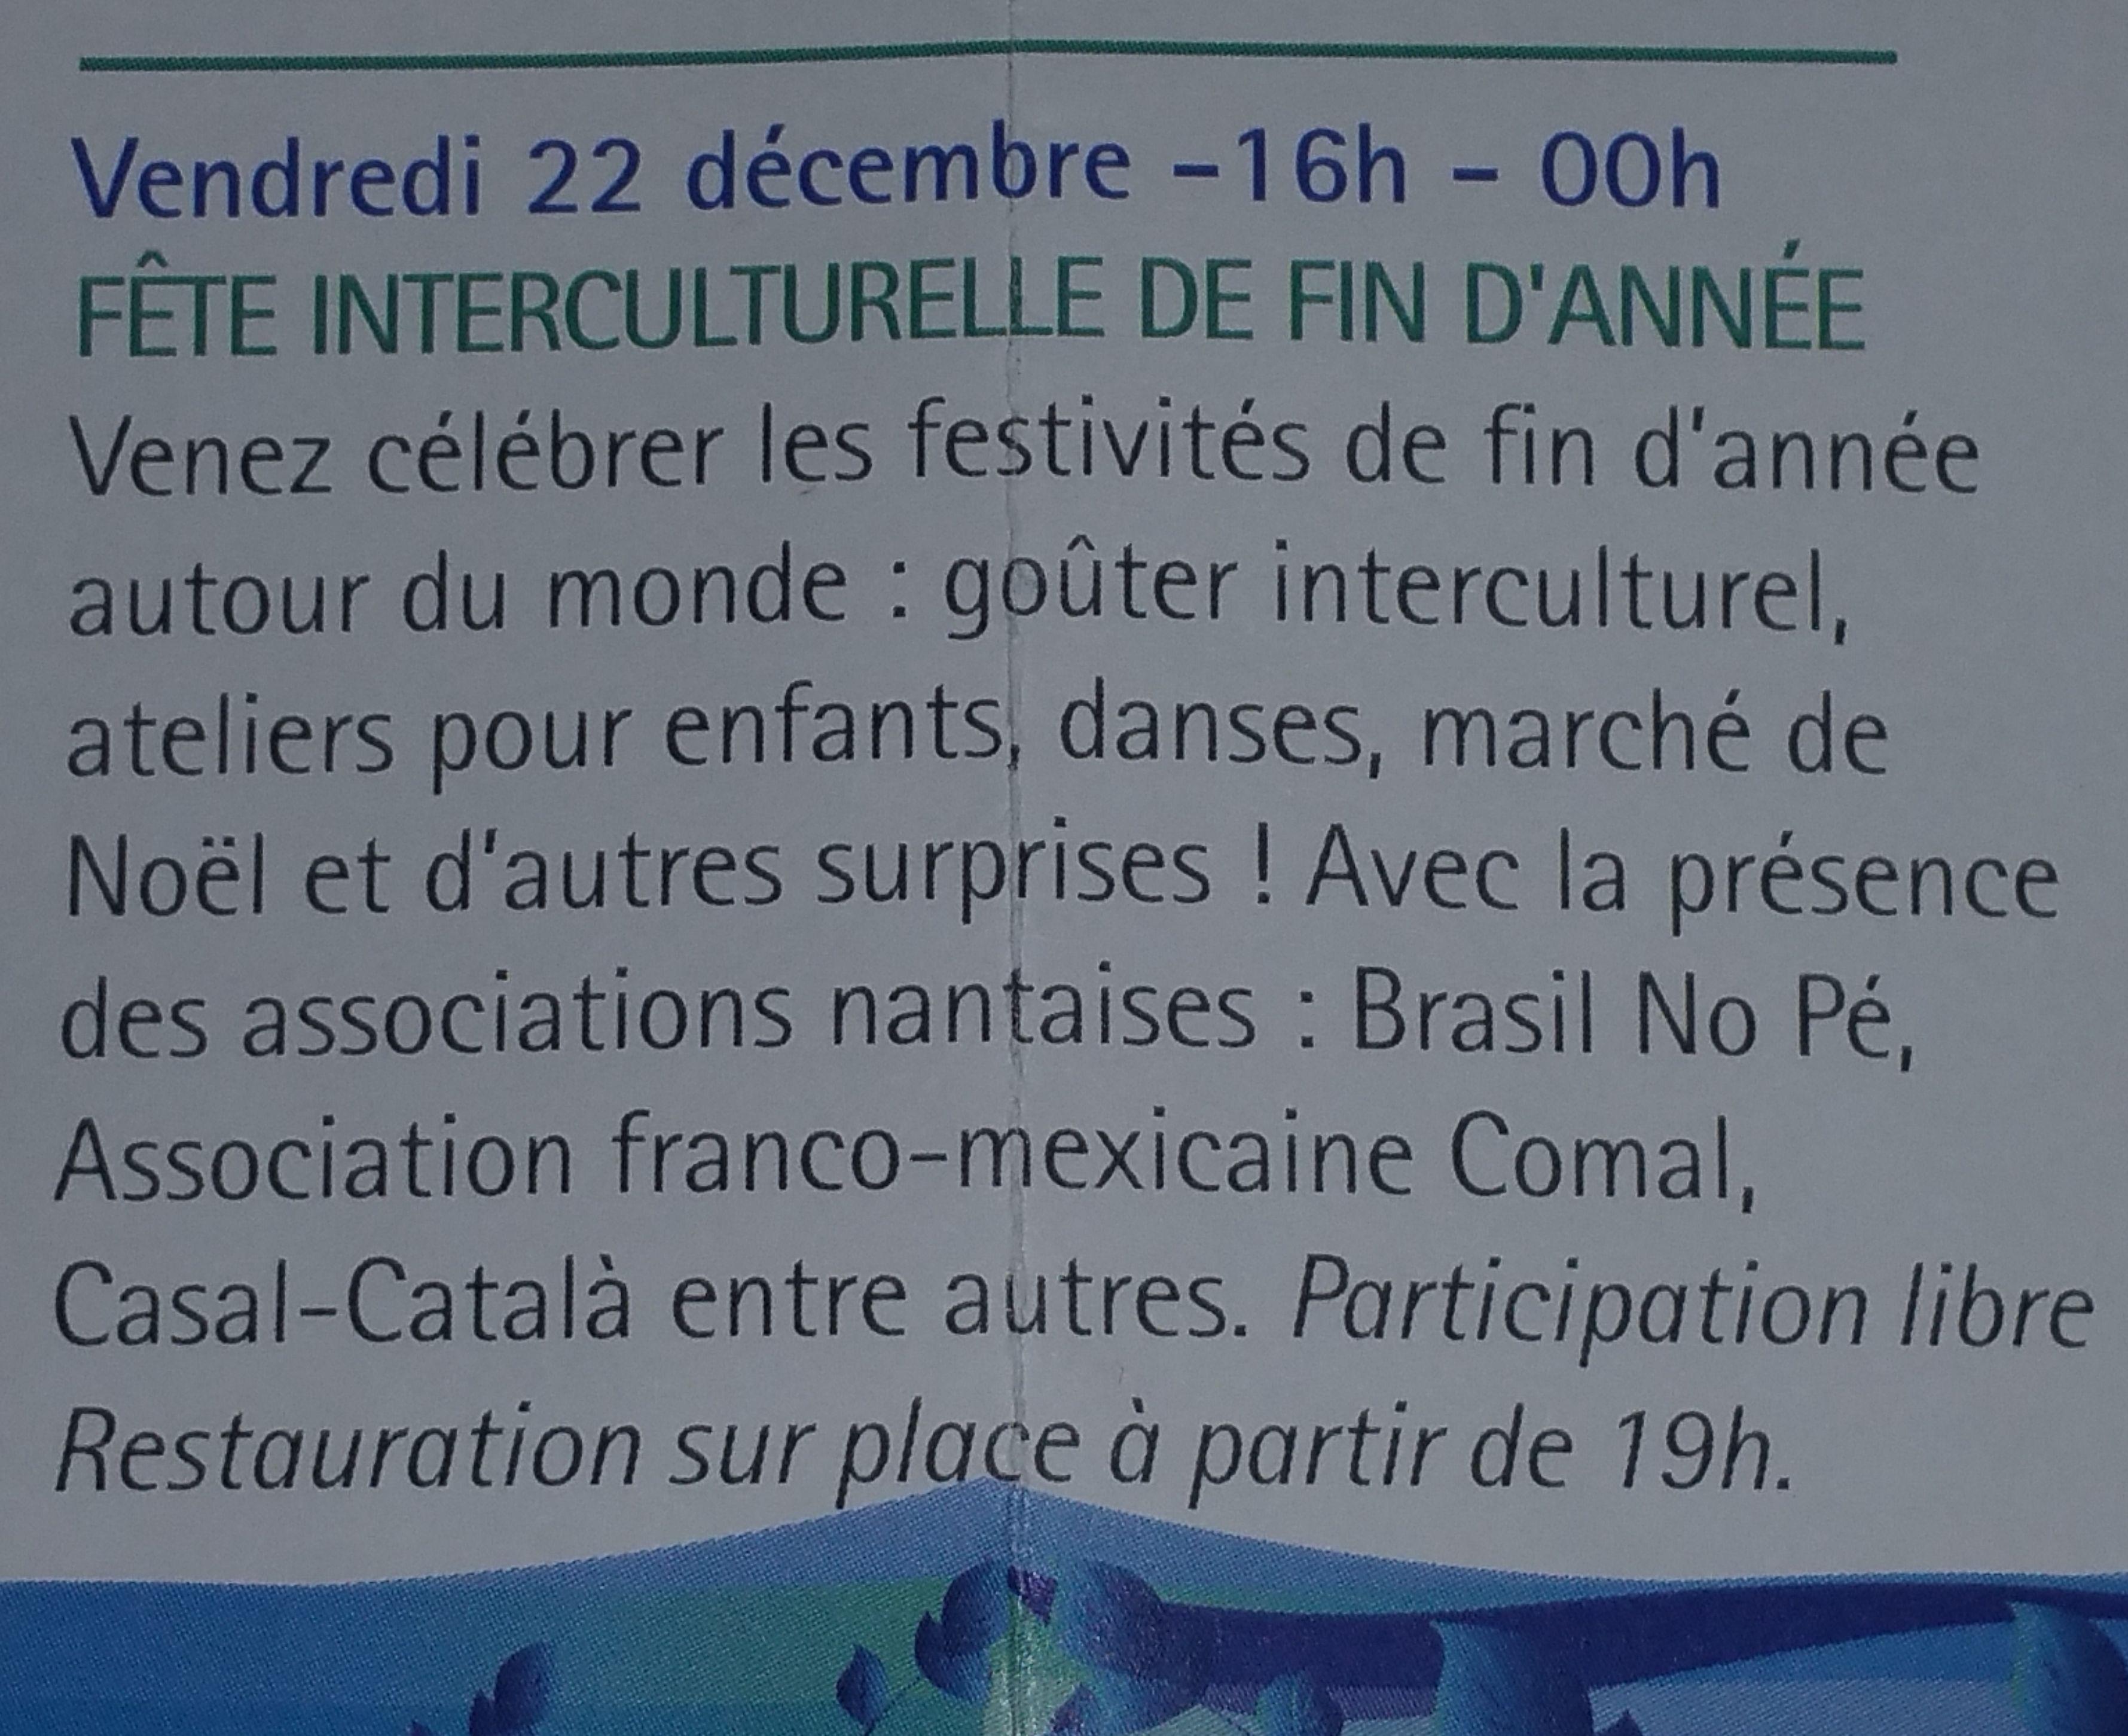 Nadal Intercultural | Noël Interculturel - 2017